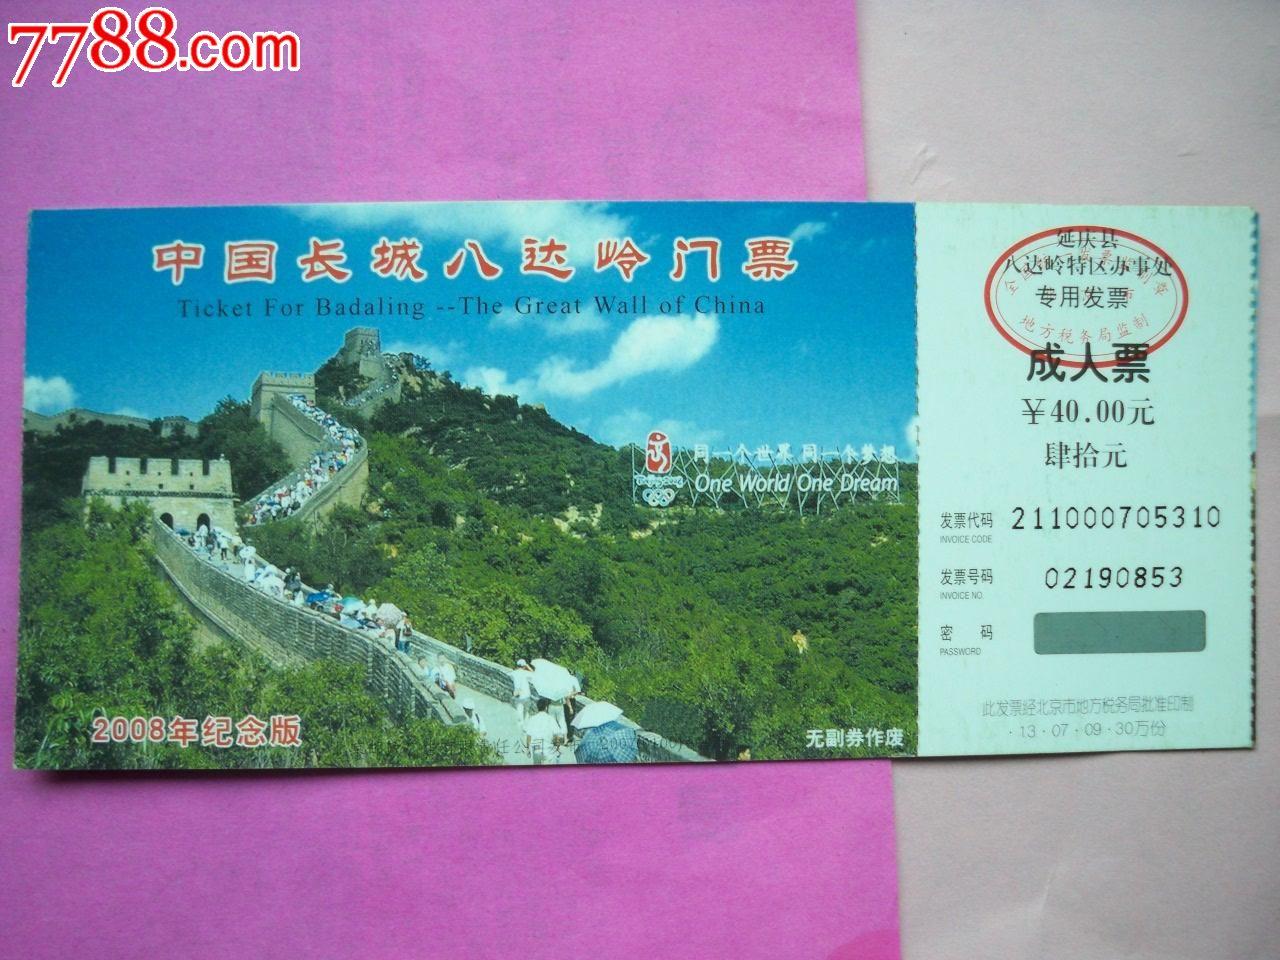 中国长城八达岭邮资明信片门票(2008年纪念版)